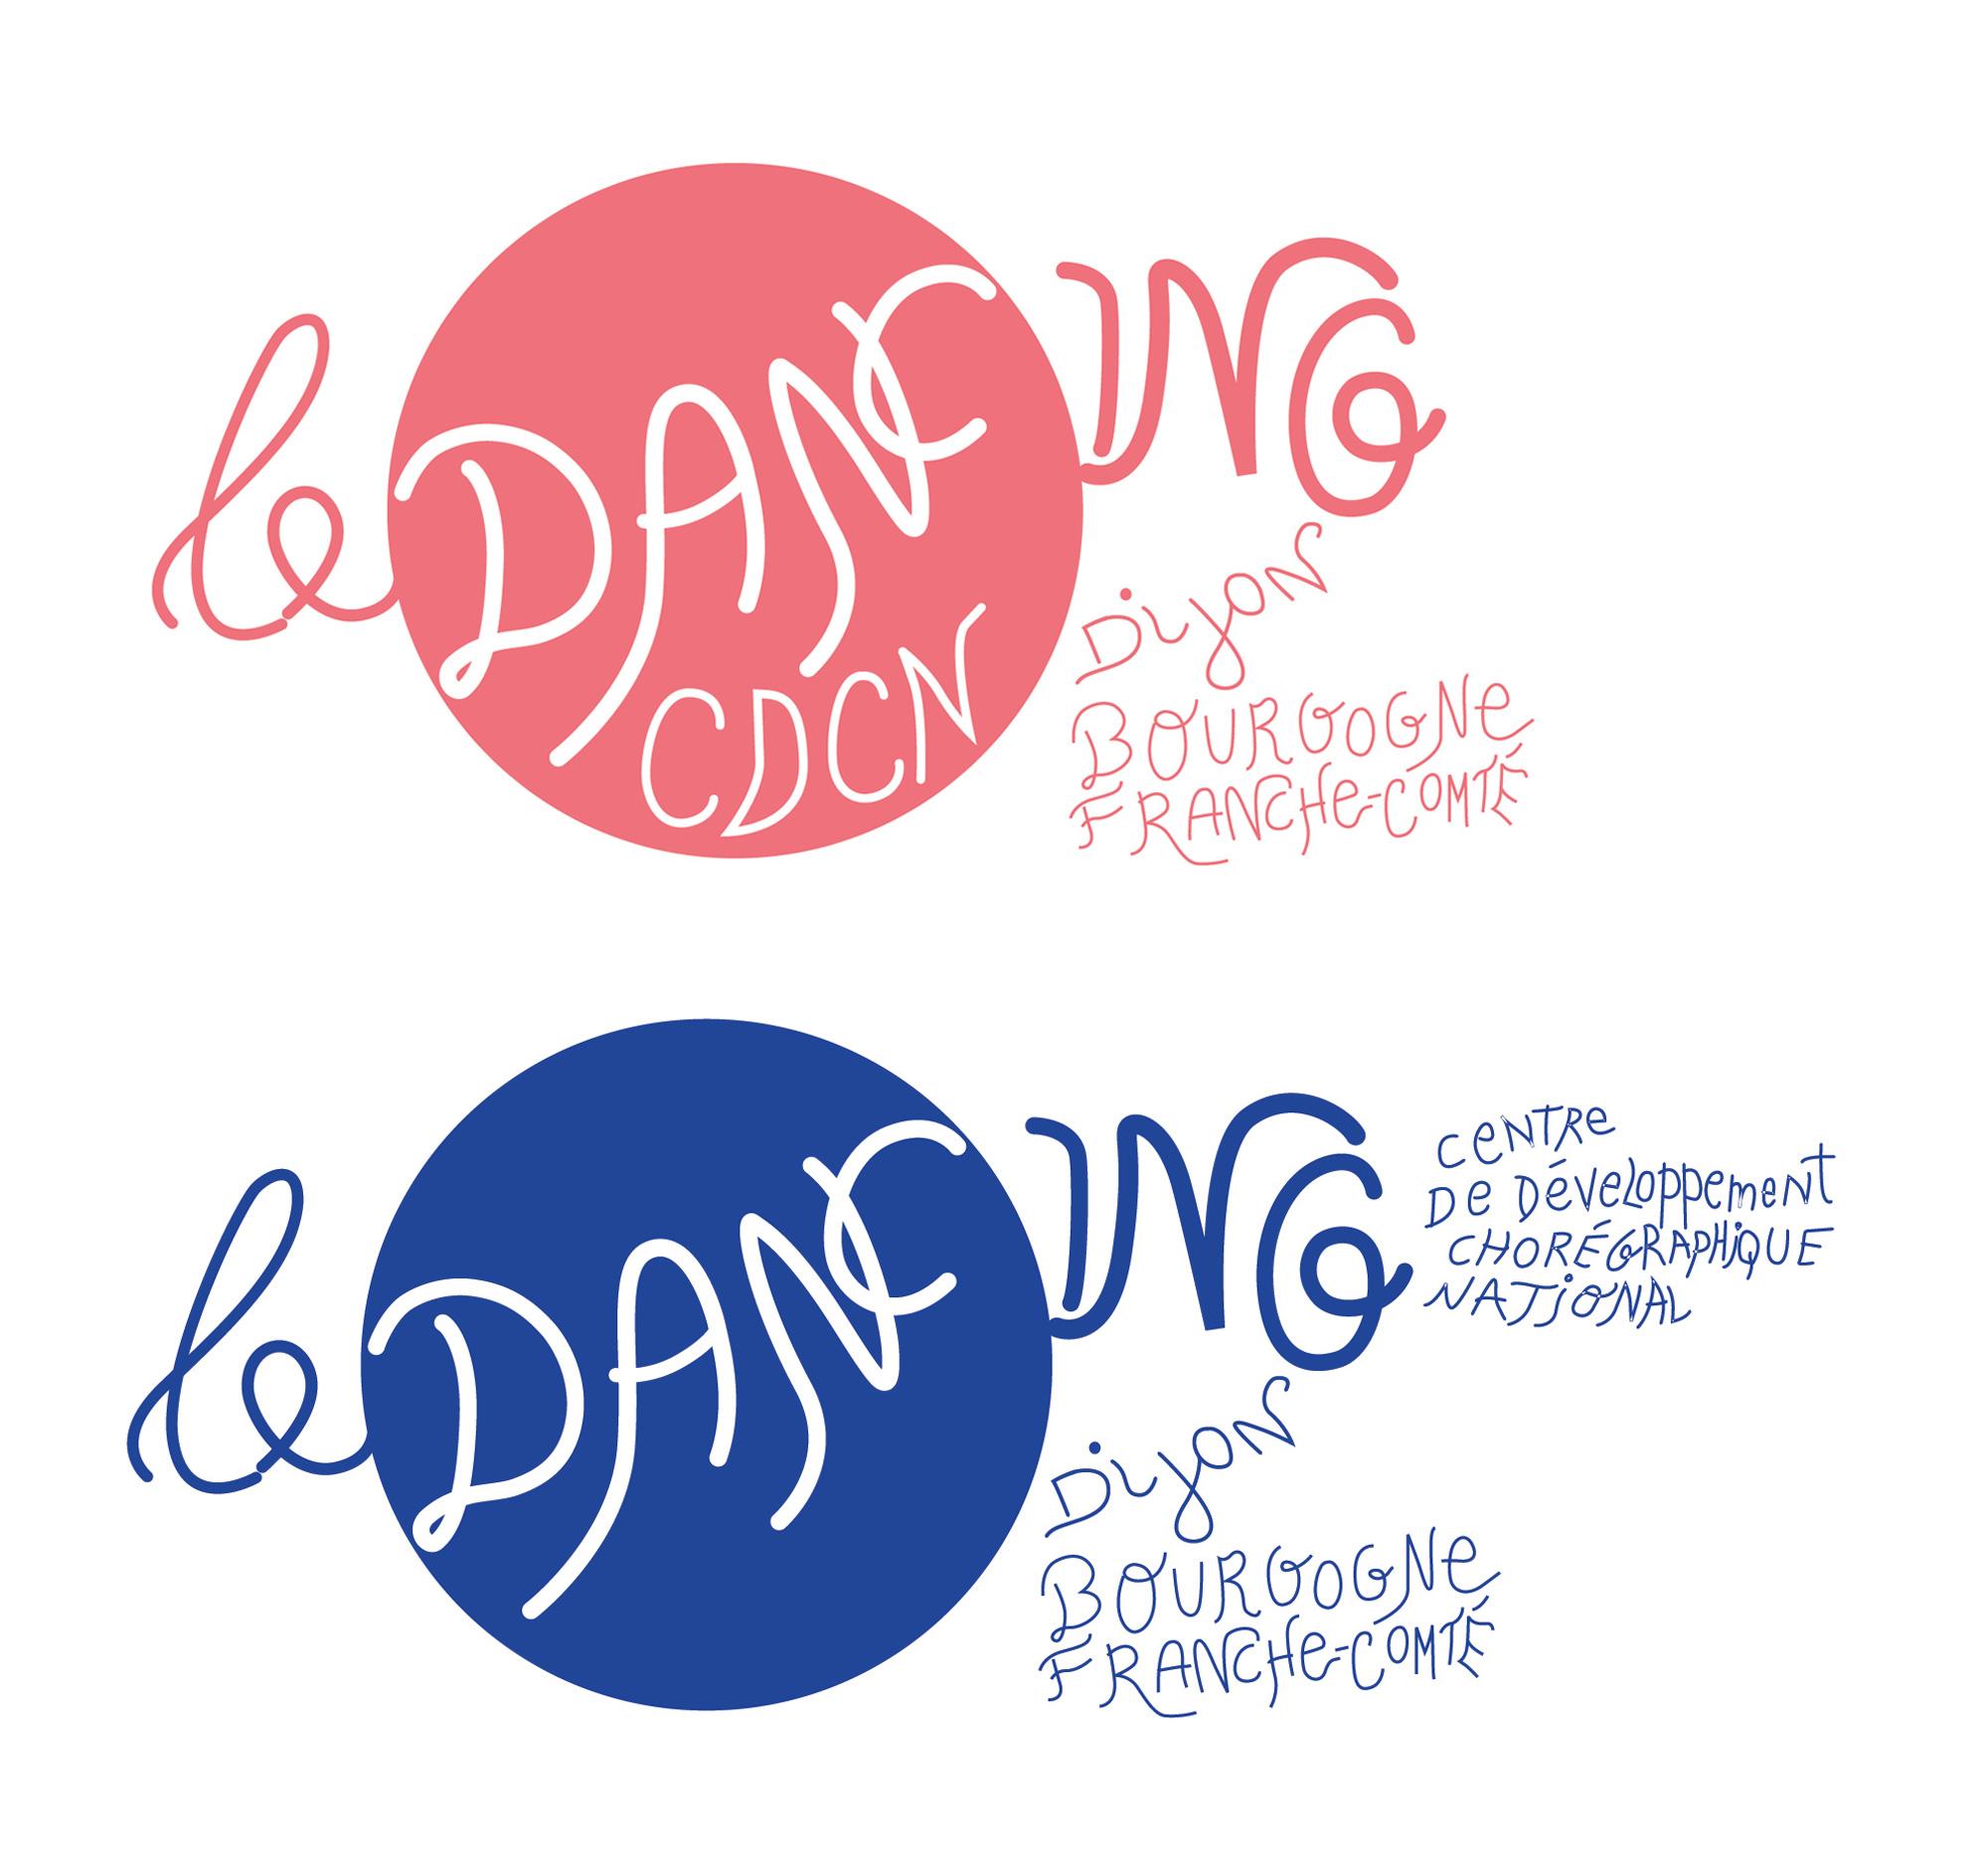 Le-dancing-logo-rose-et-bleuWEB